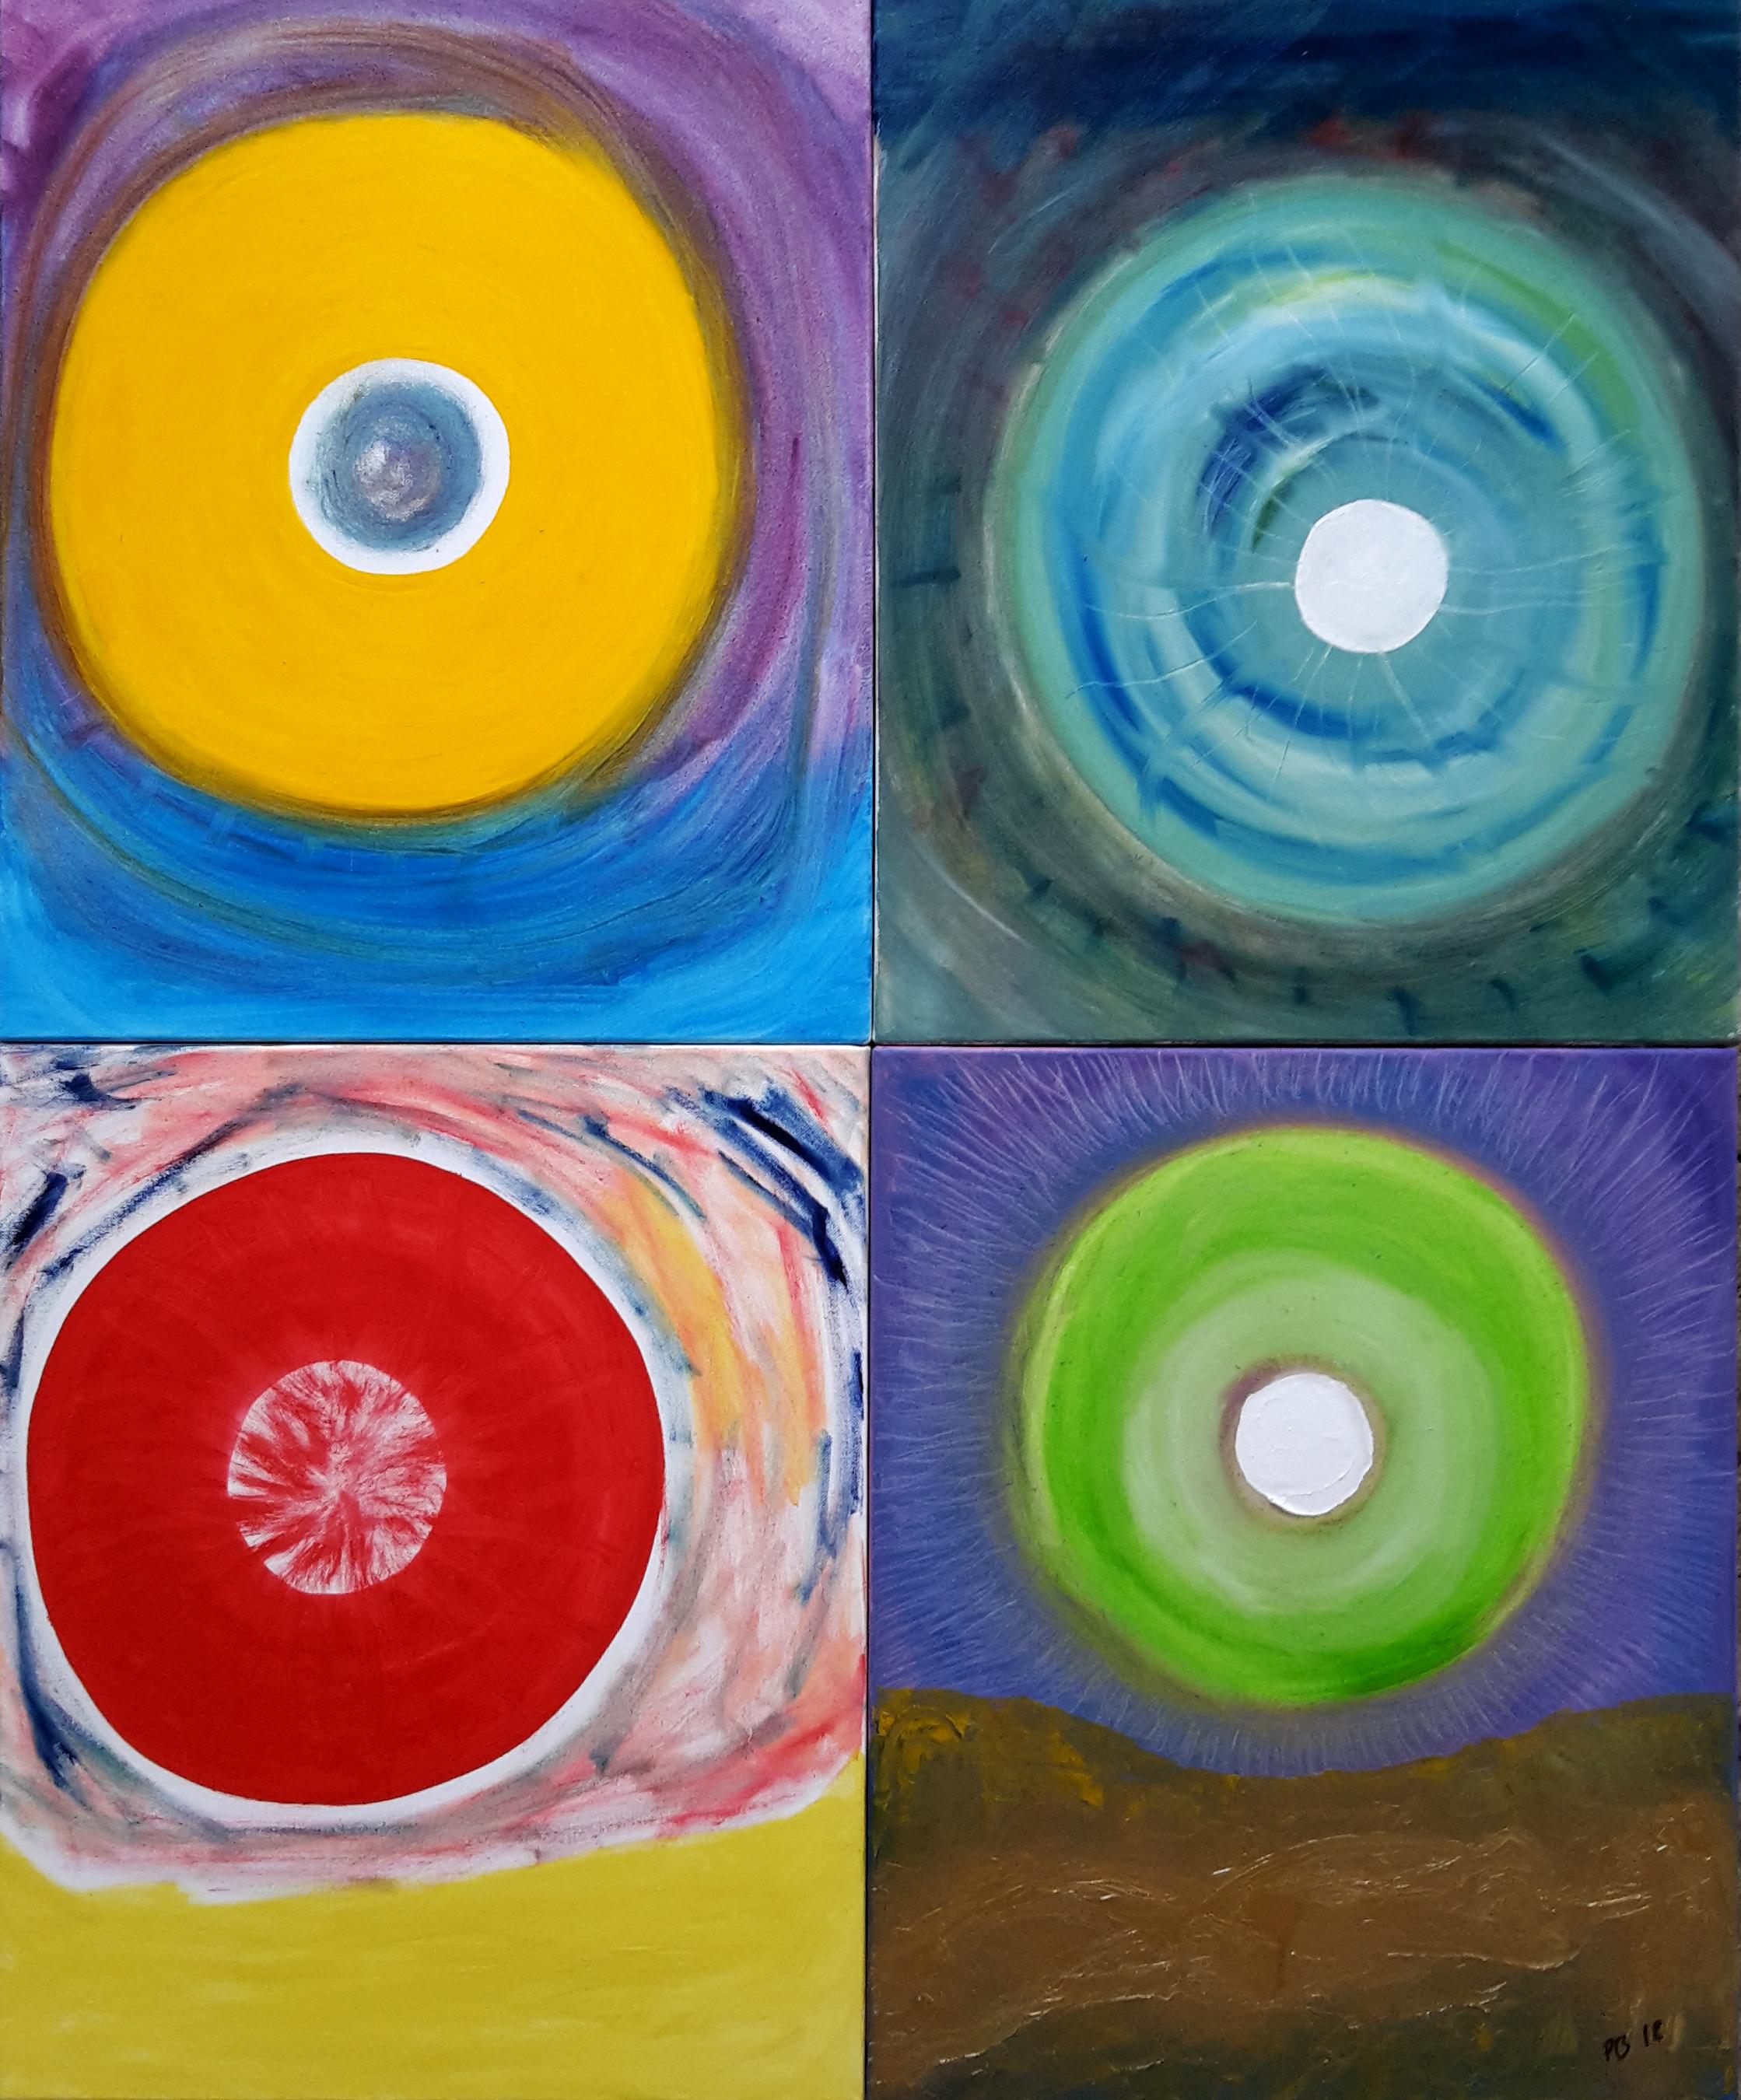 4circles